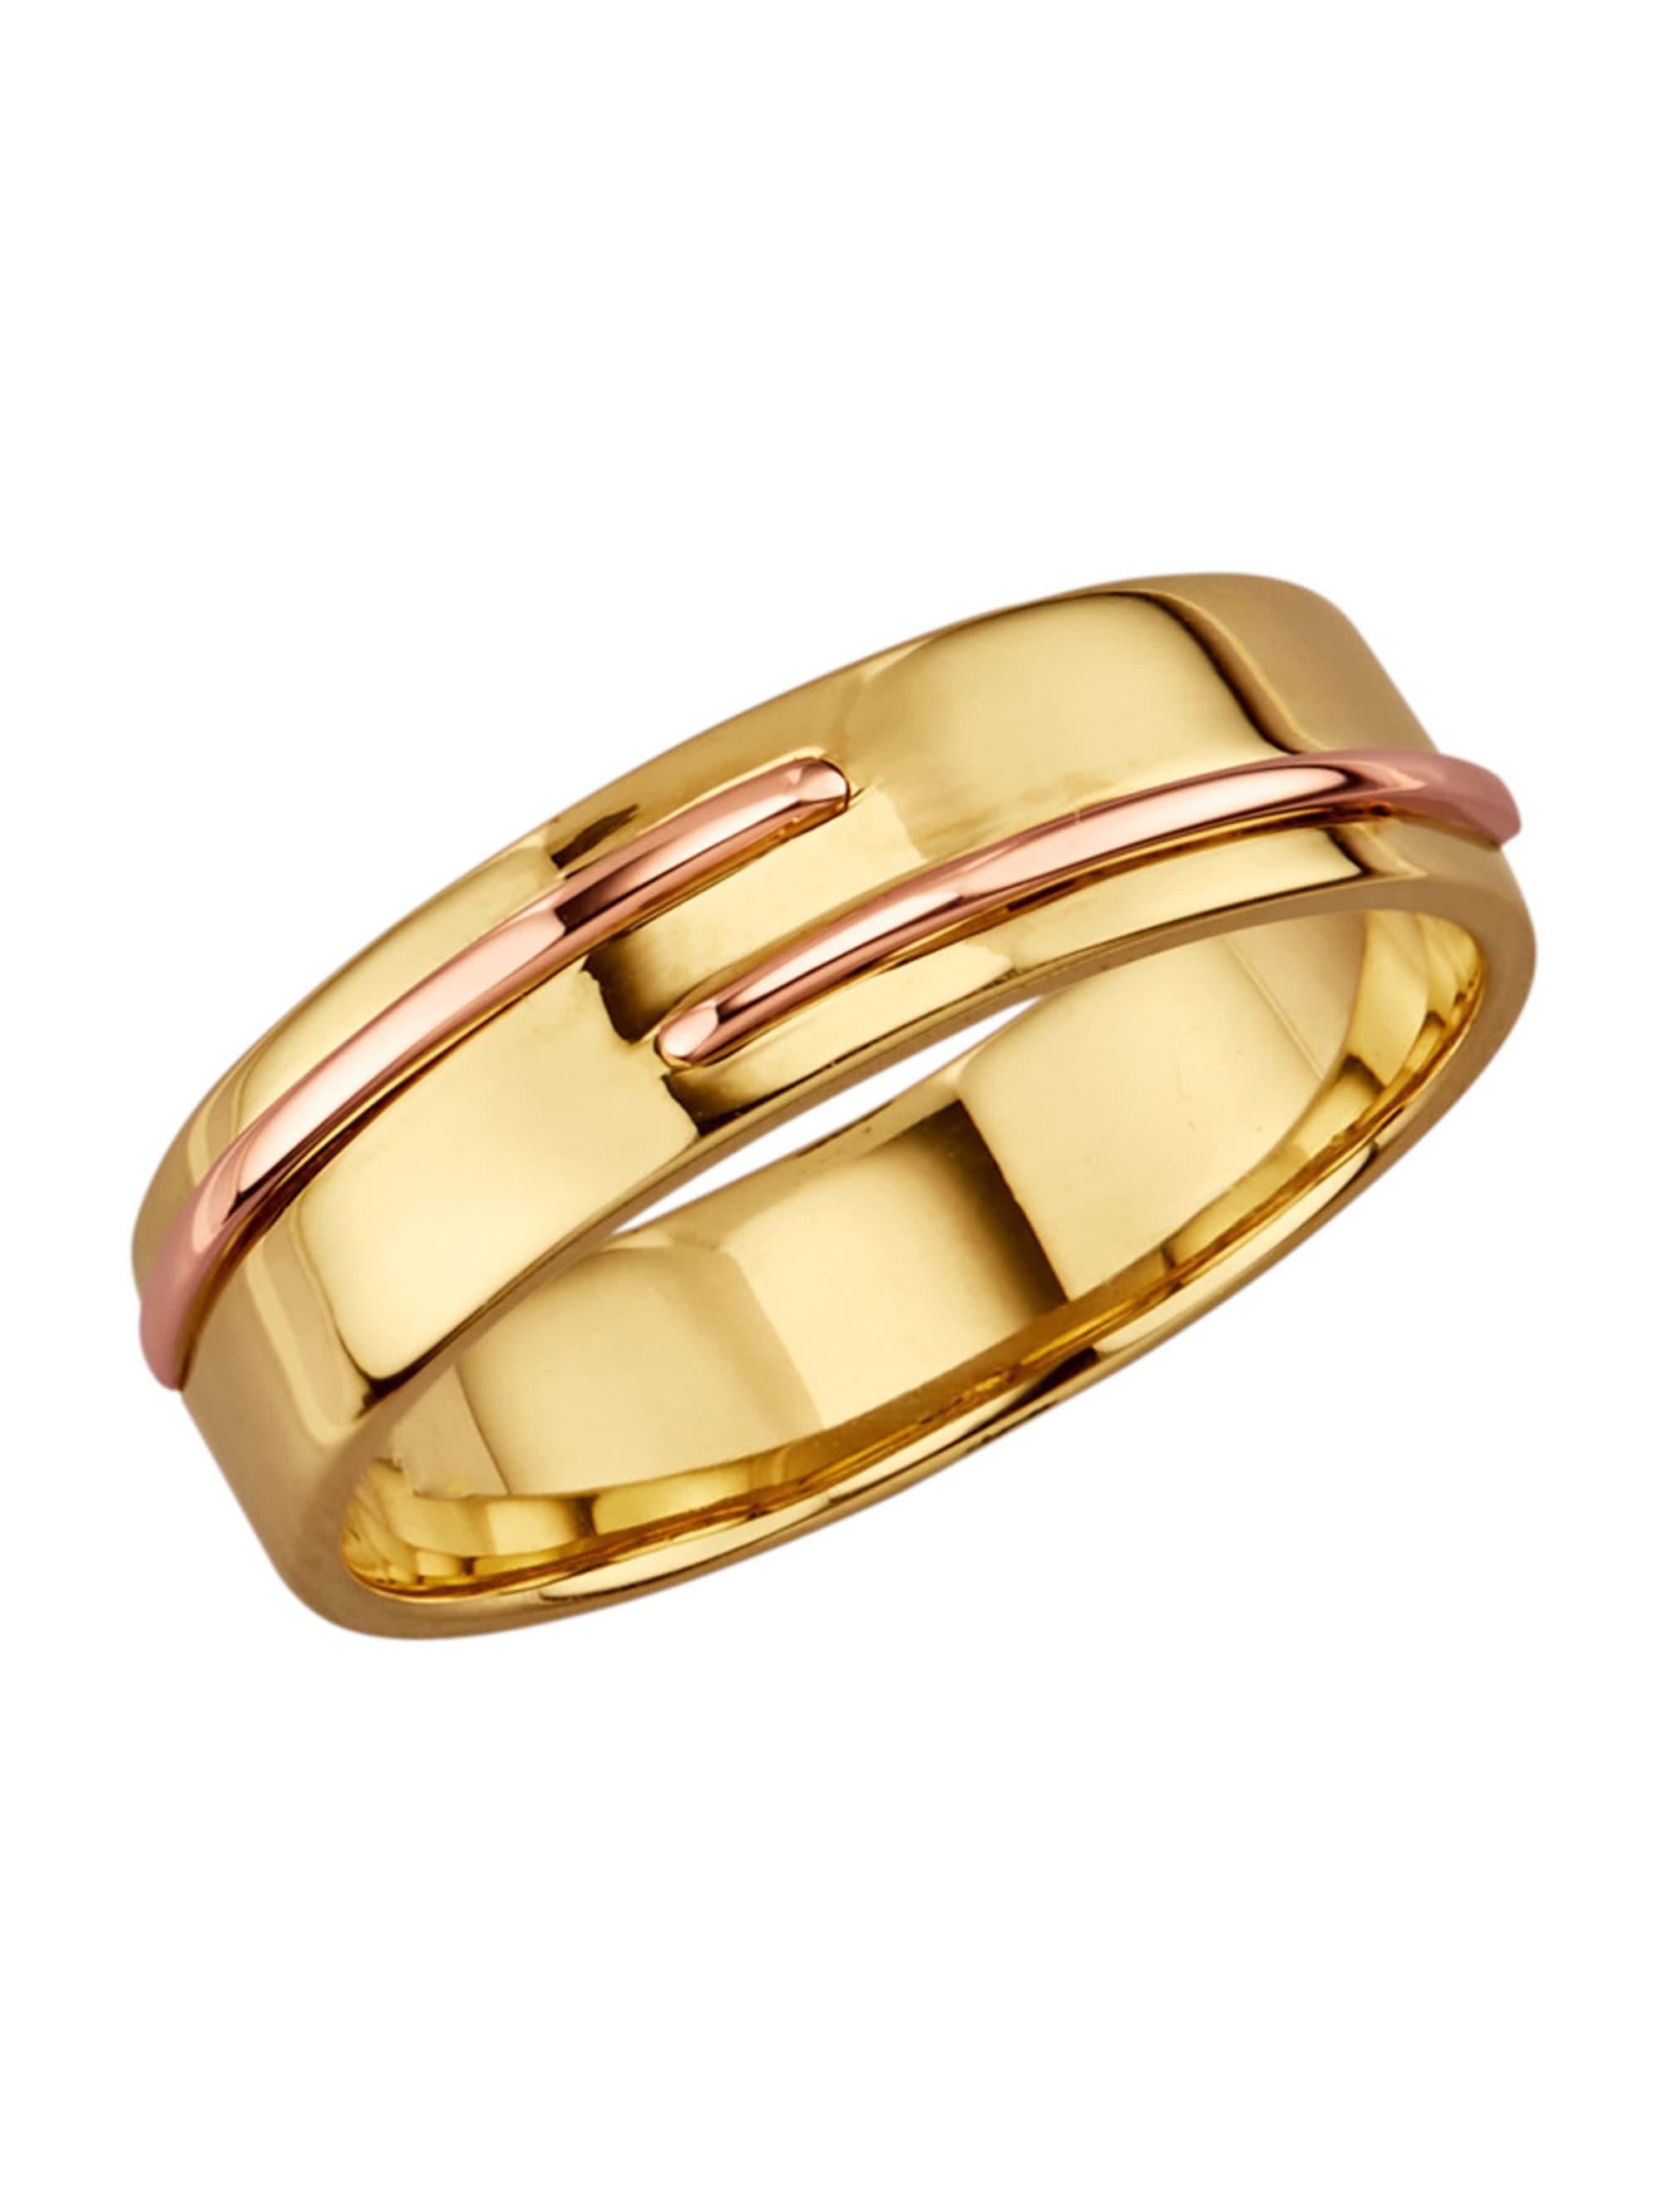 Diemer Gold Damenring in Gelb und Roségold 585 Ipuec